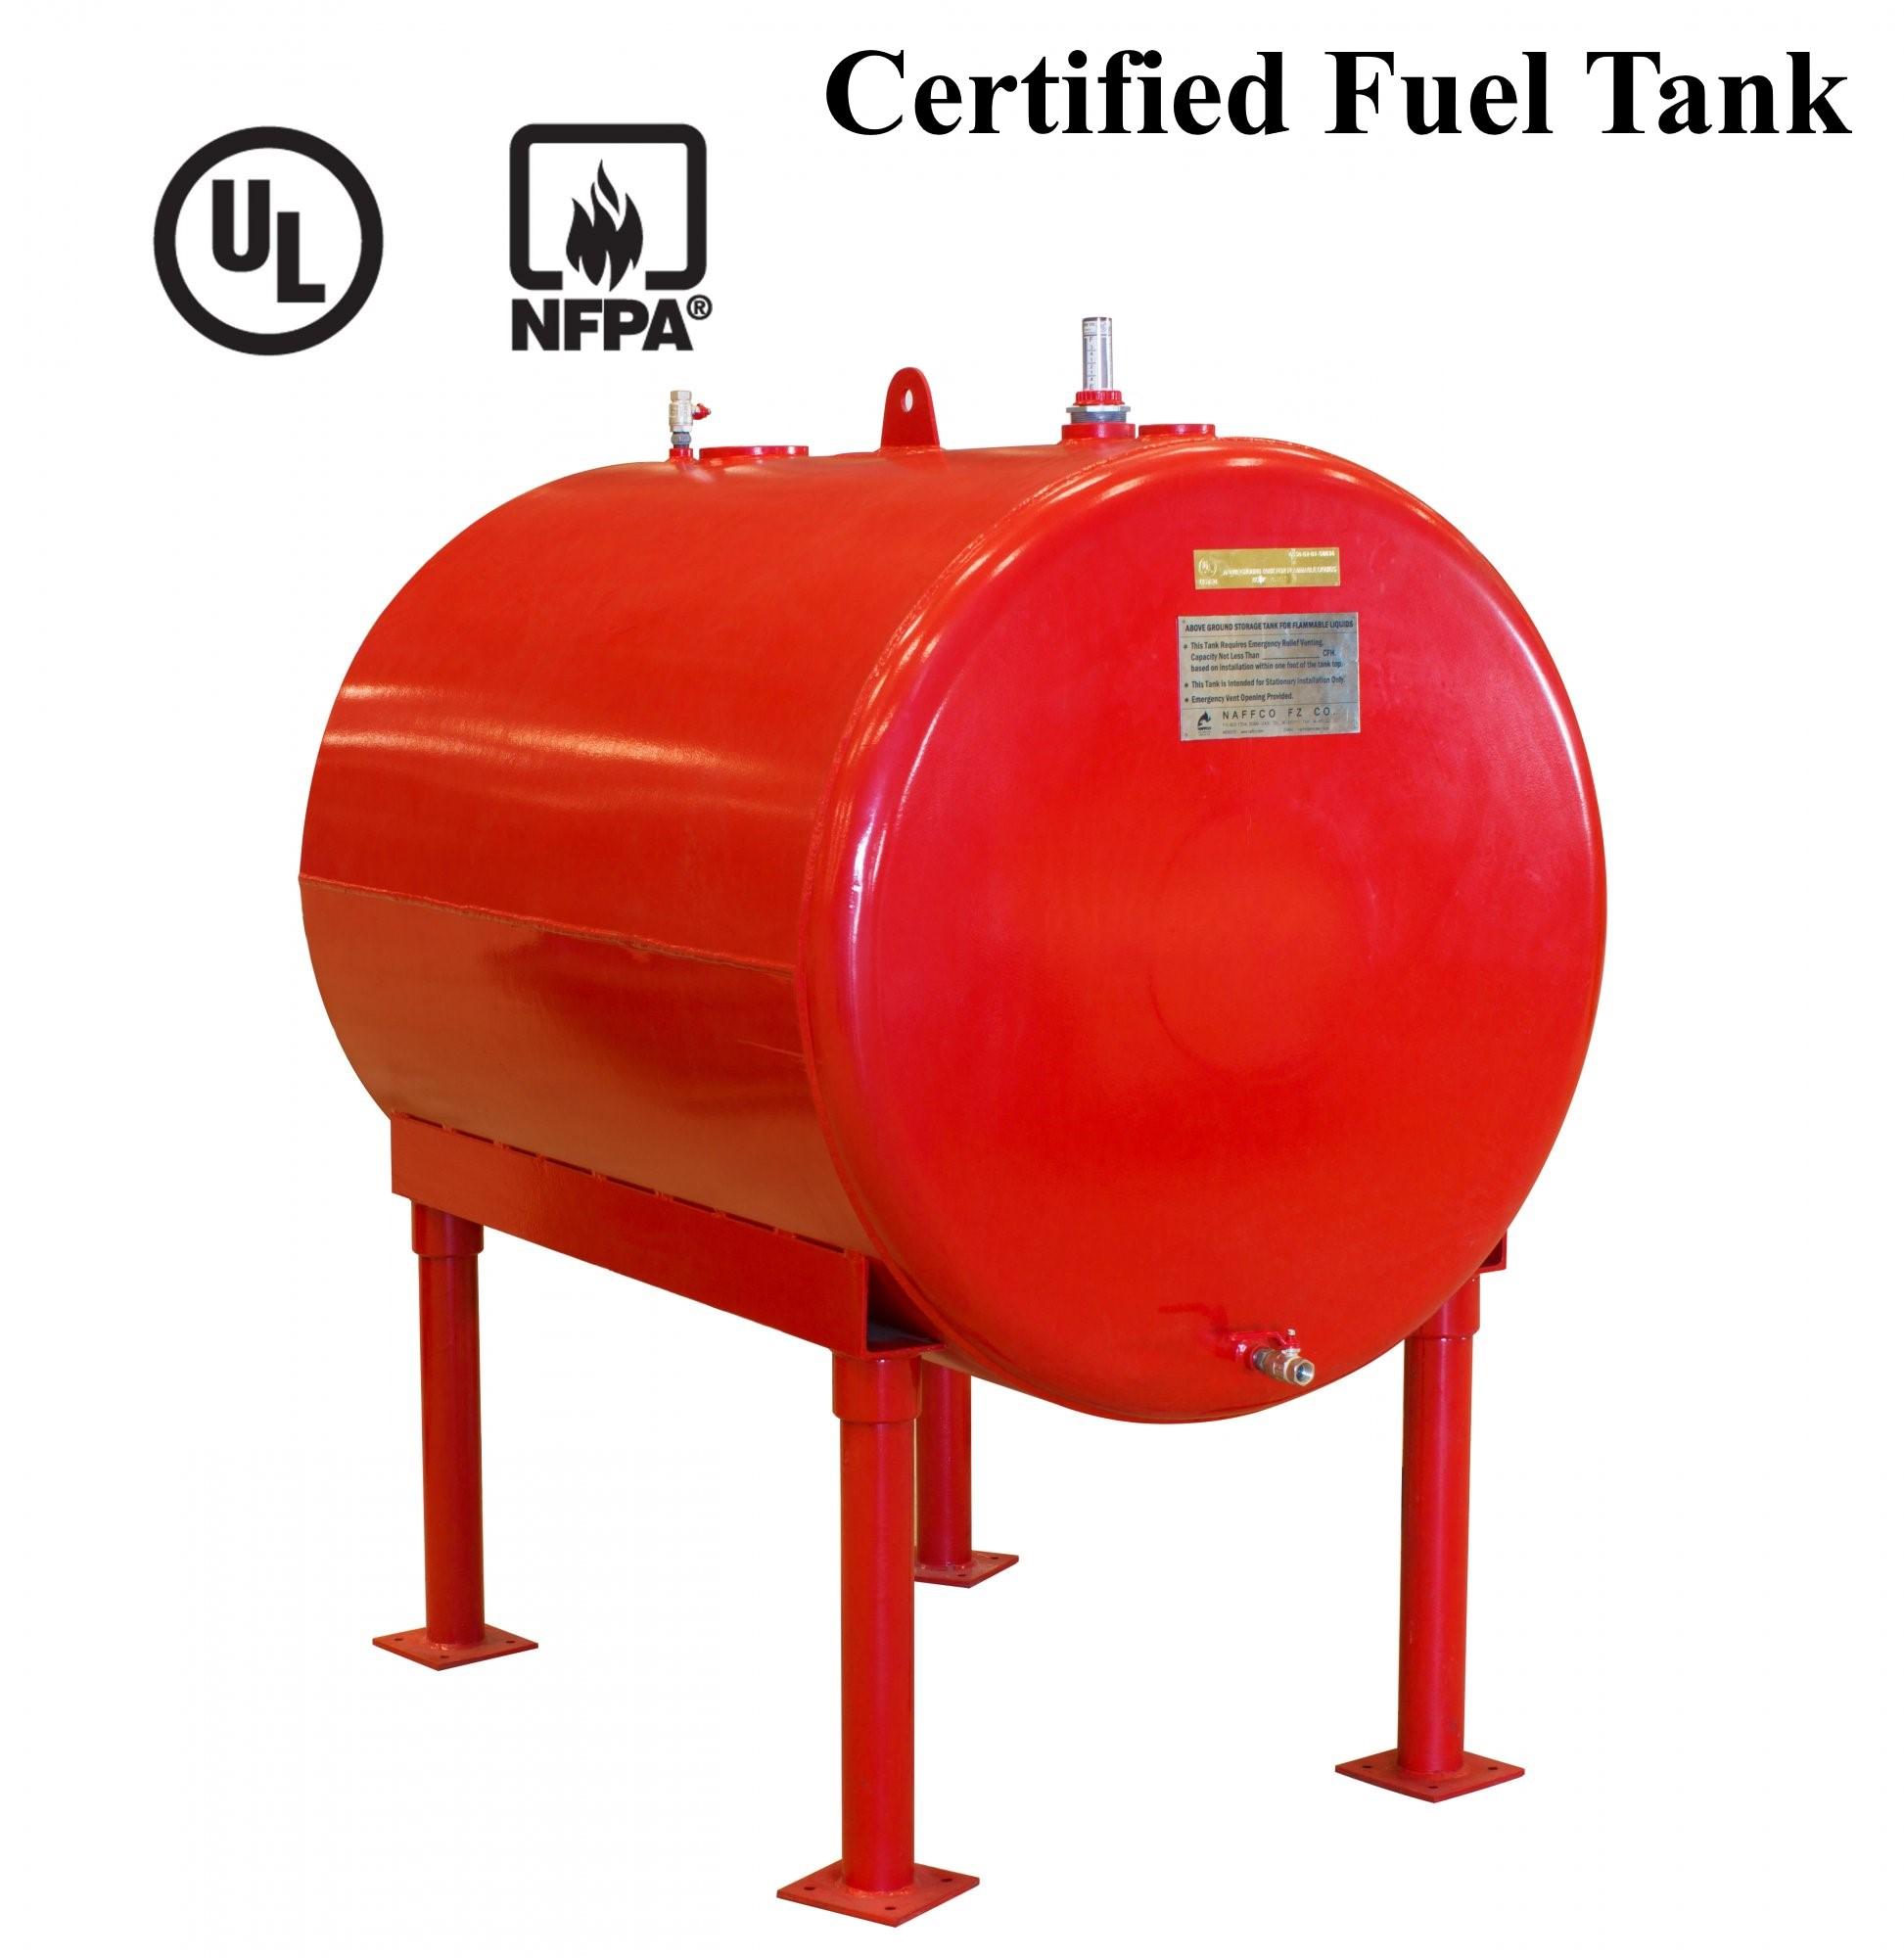 Certified_Fuel_Tank_2_1447849817_wz530